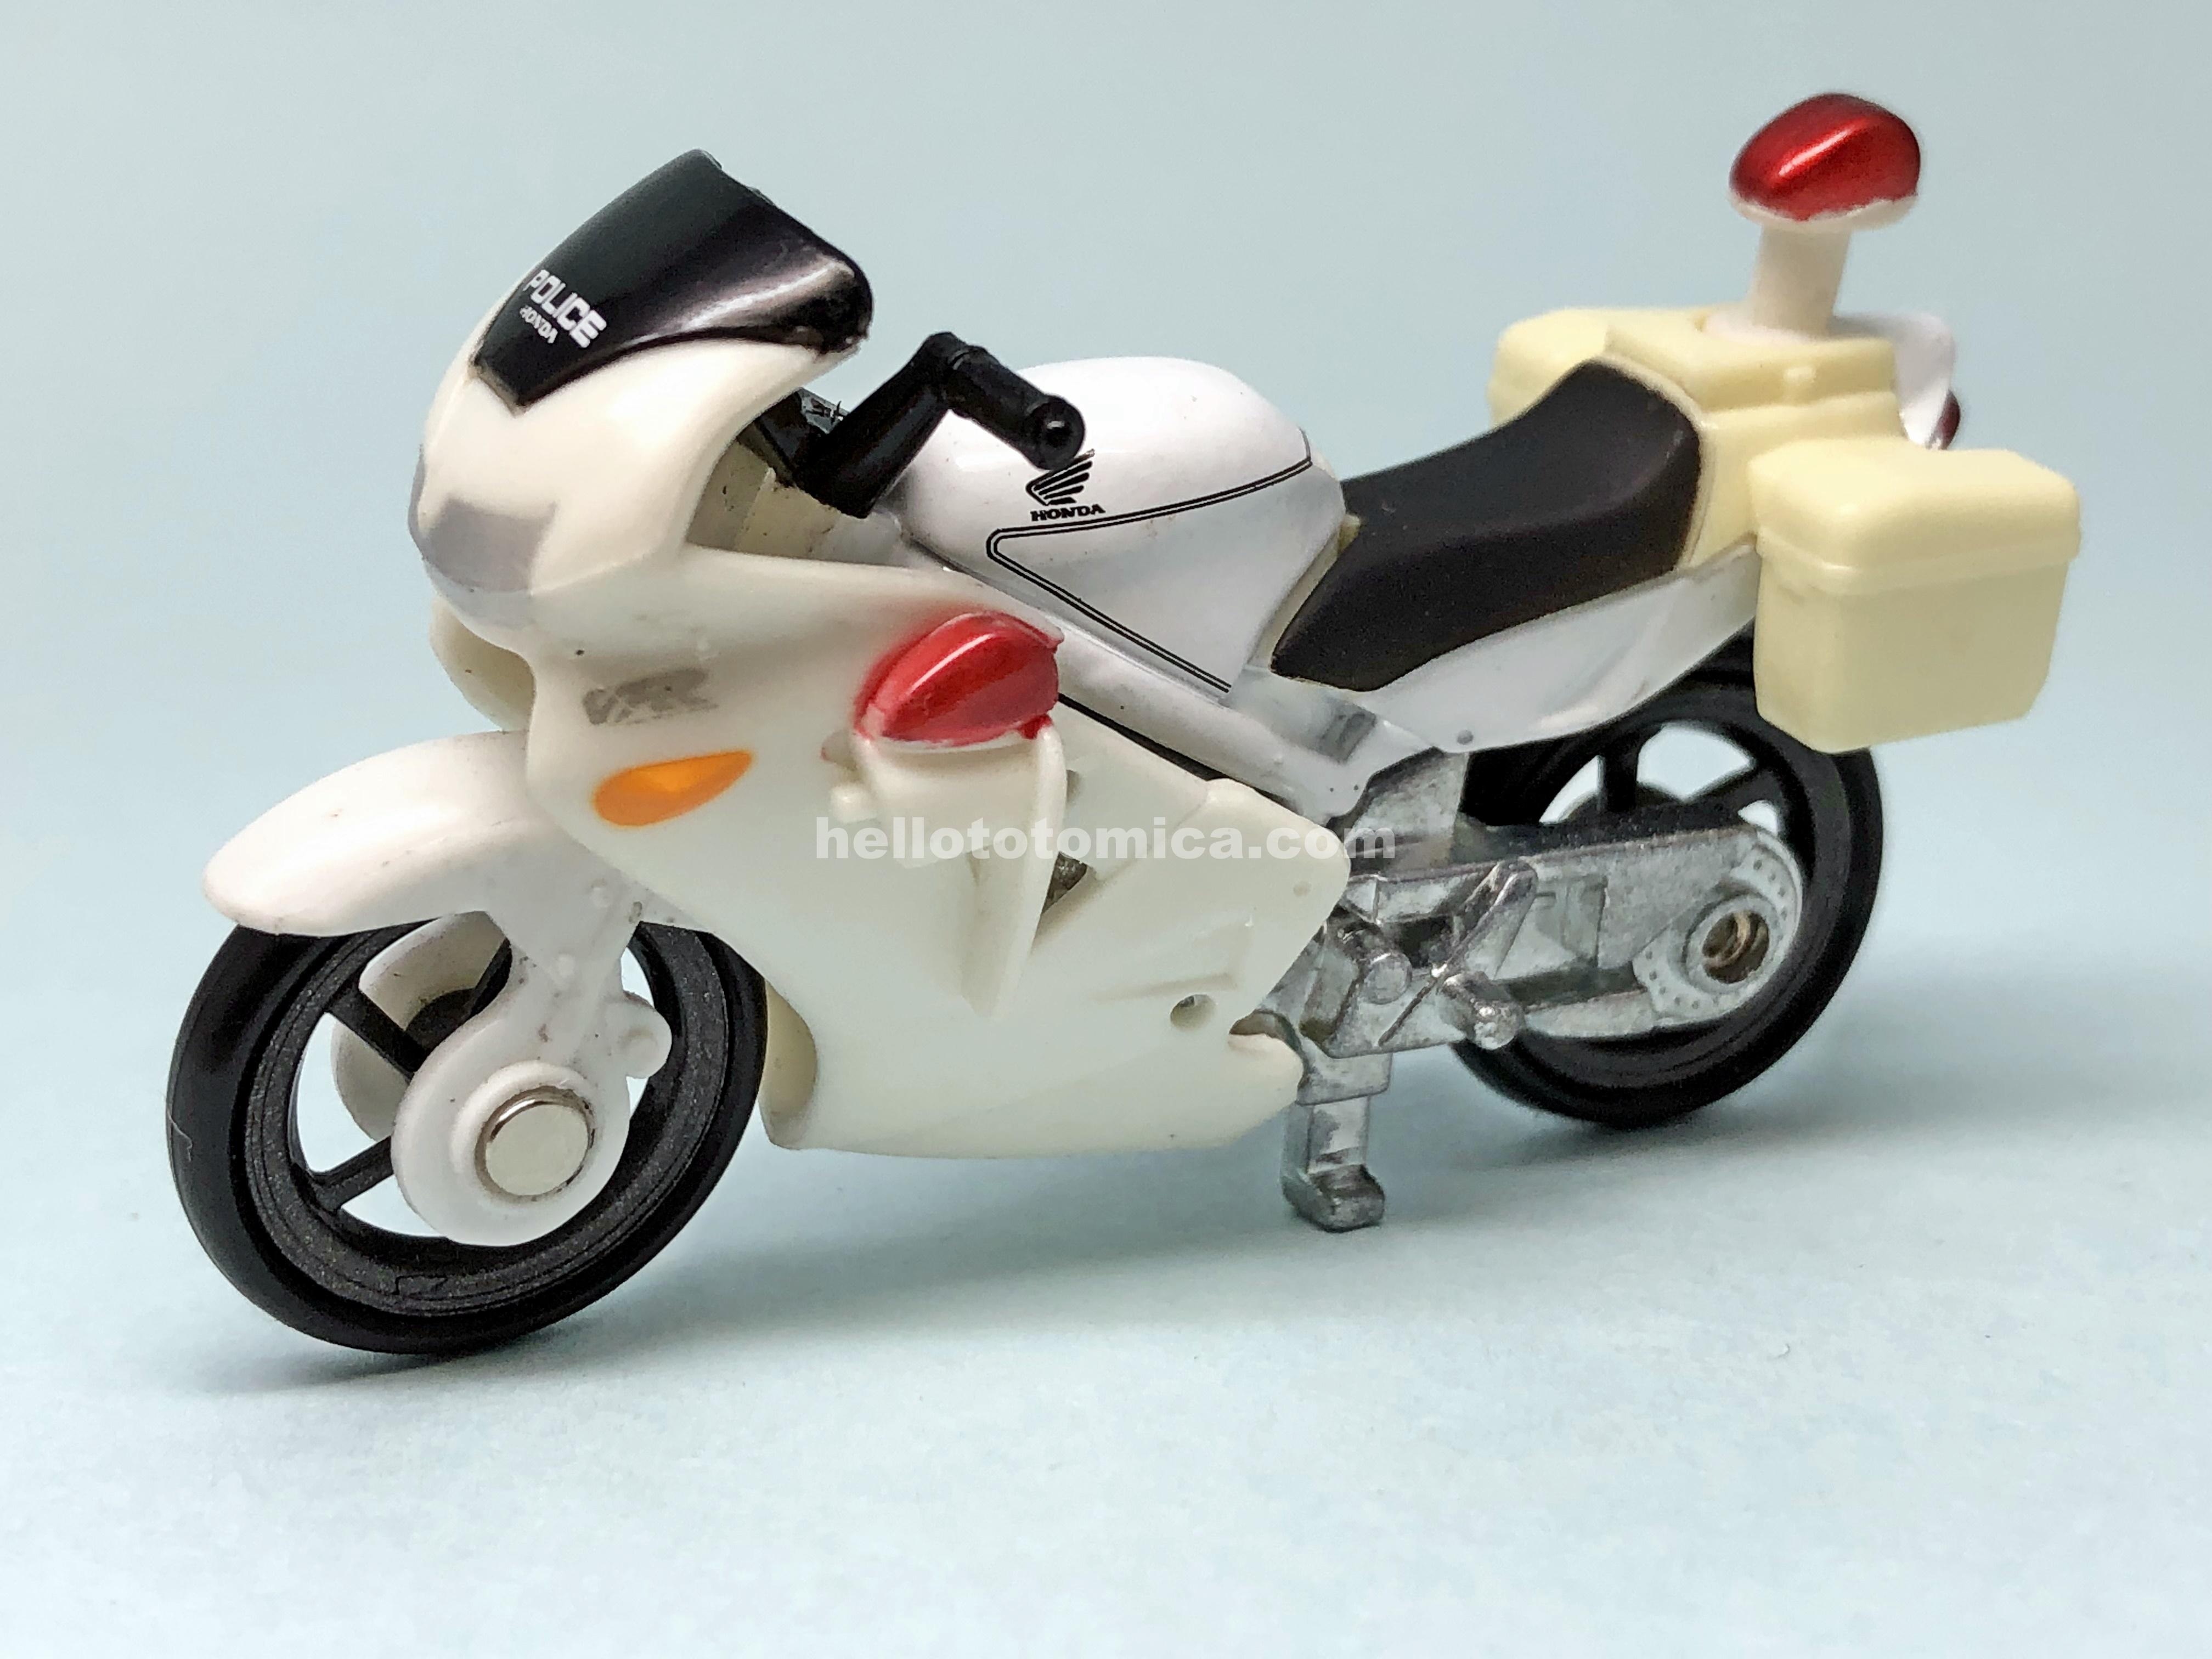 4-7 Honda VFR POLICE BIKE